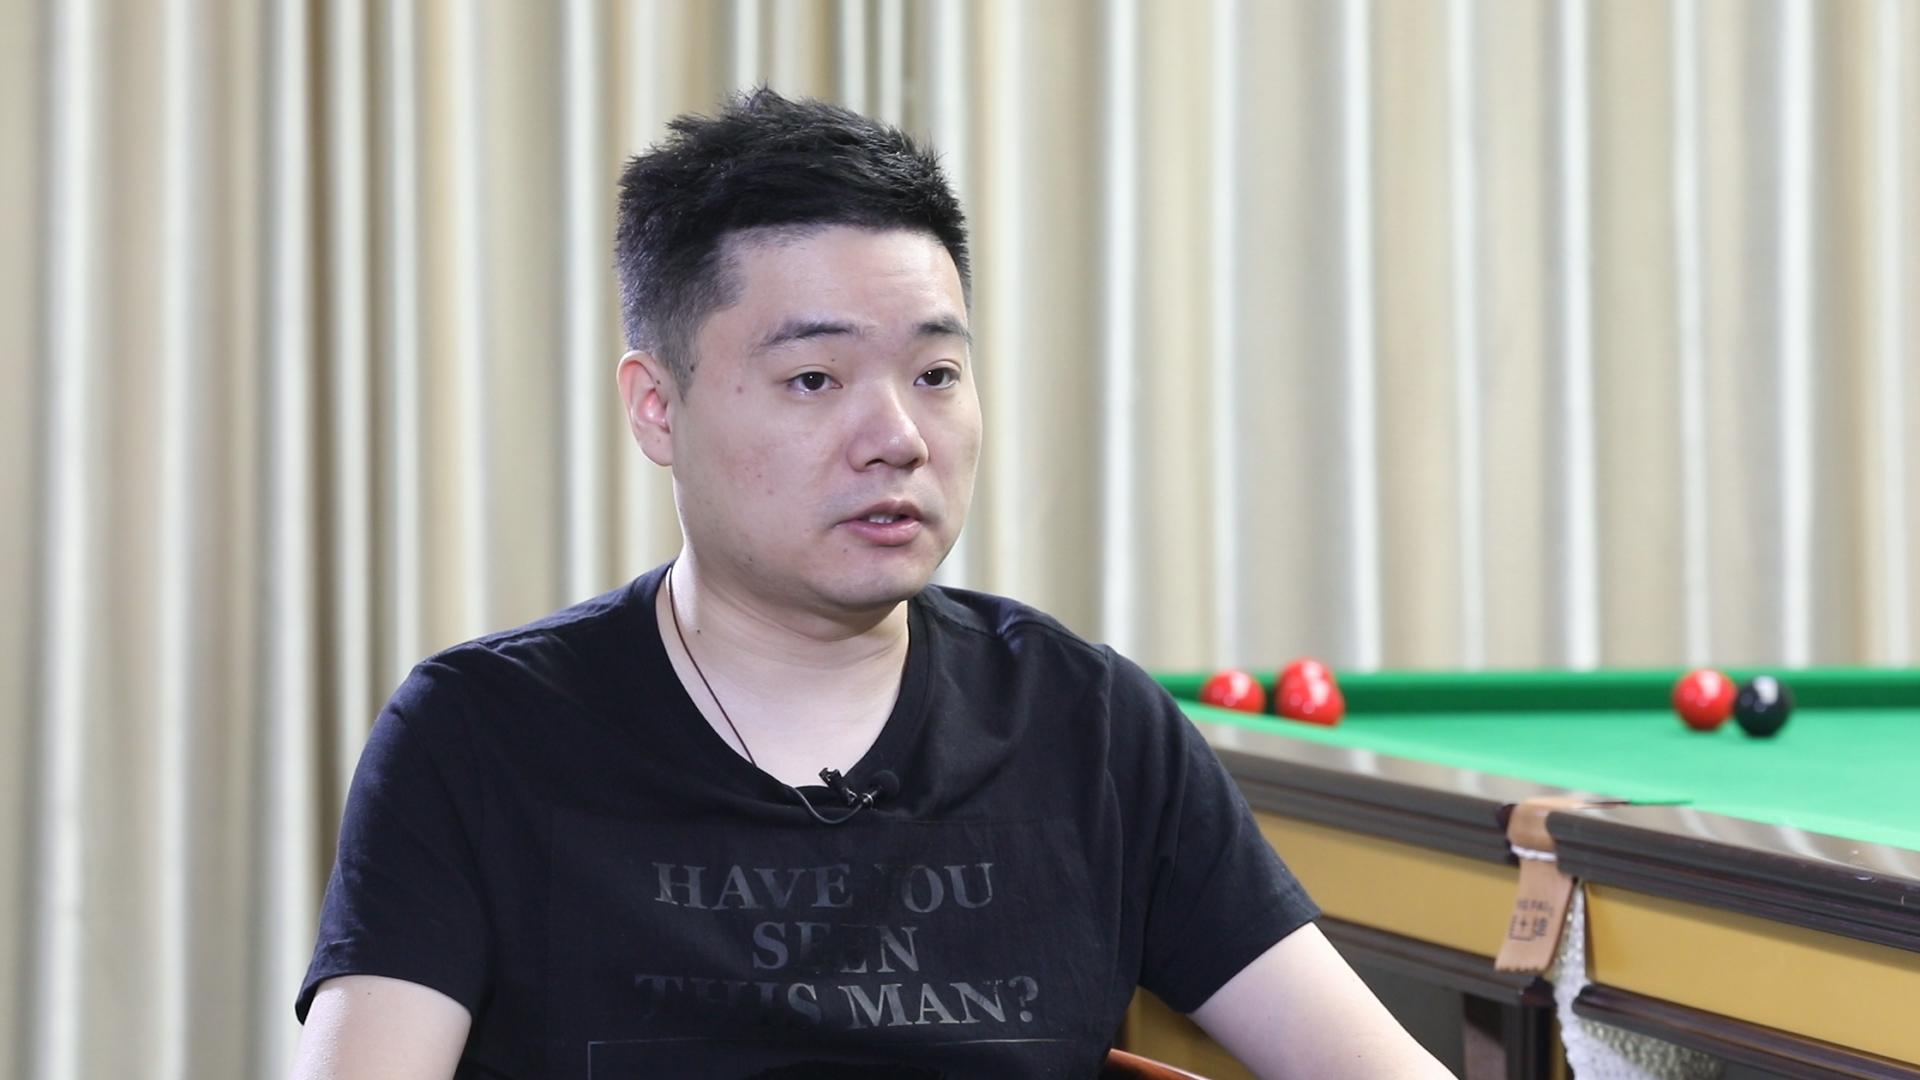 丁俊晖隔离期内迎33岁生日 坦言想成功两个字最重要